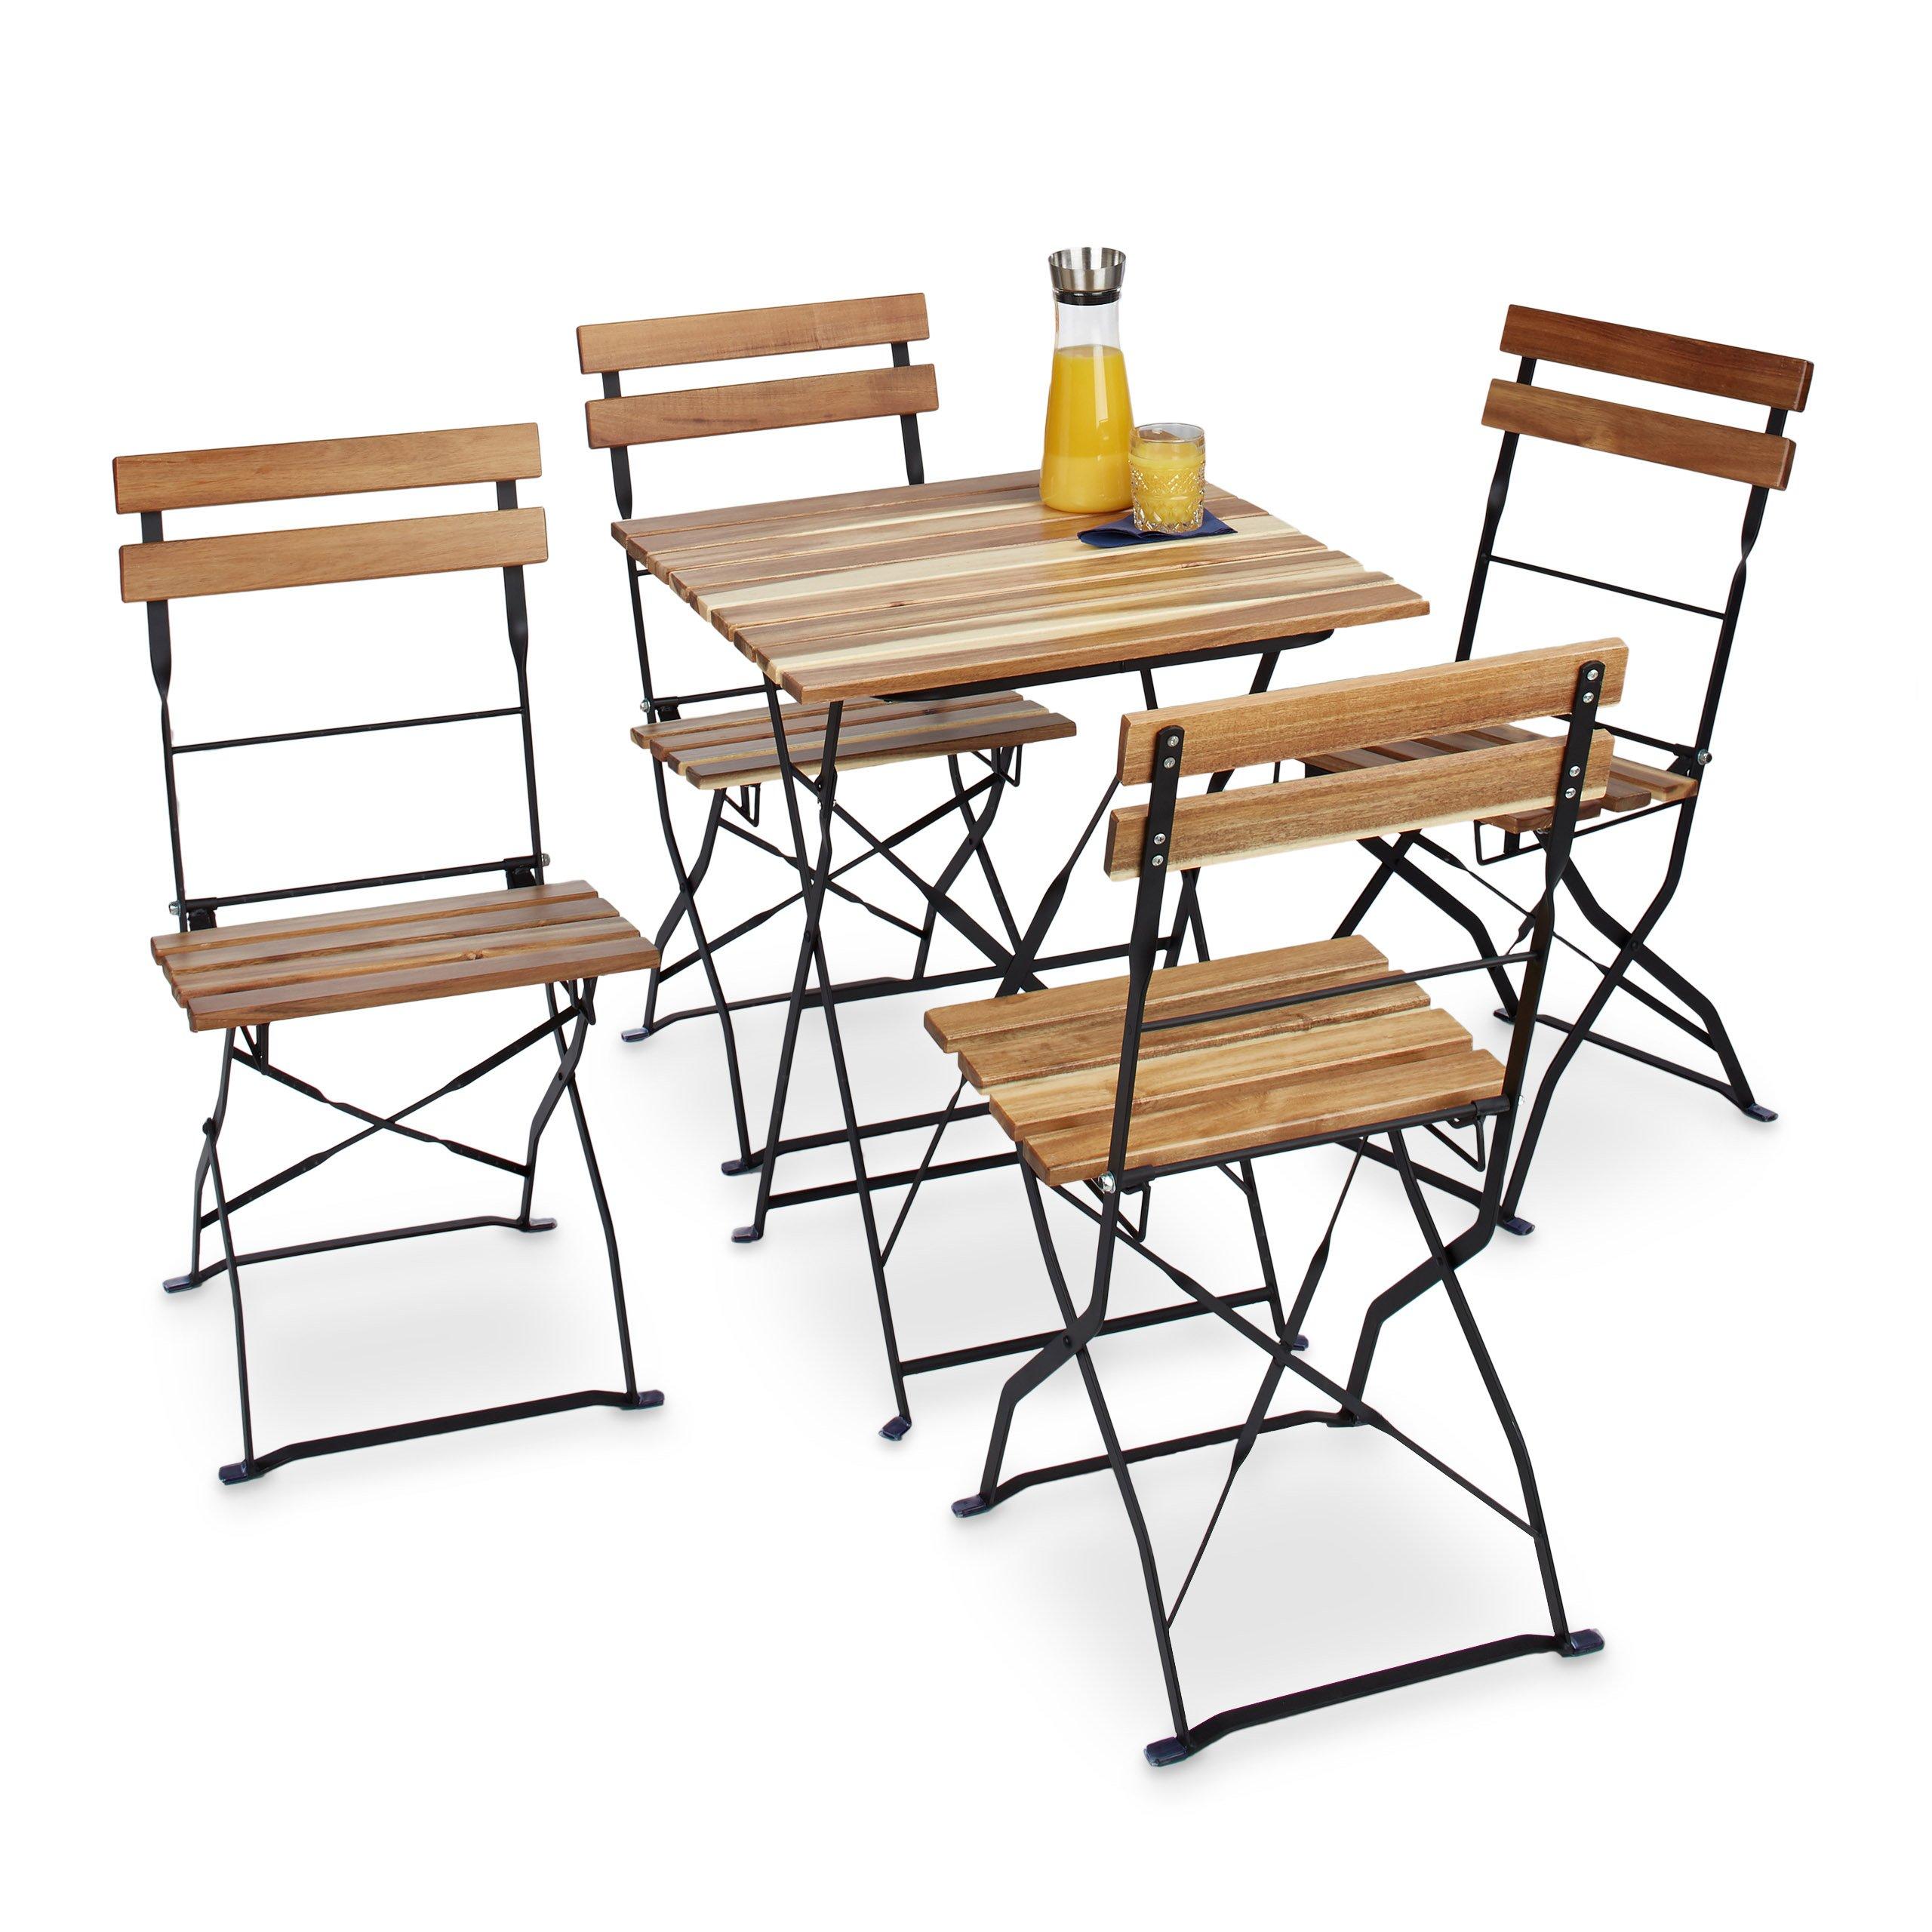 Am besten bewertete Produkte in der Kategorie Küchenstühle - Amazon.de